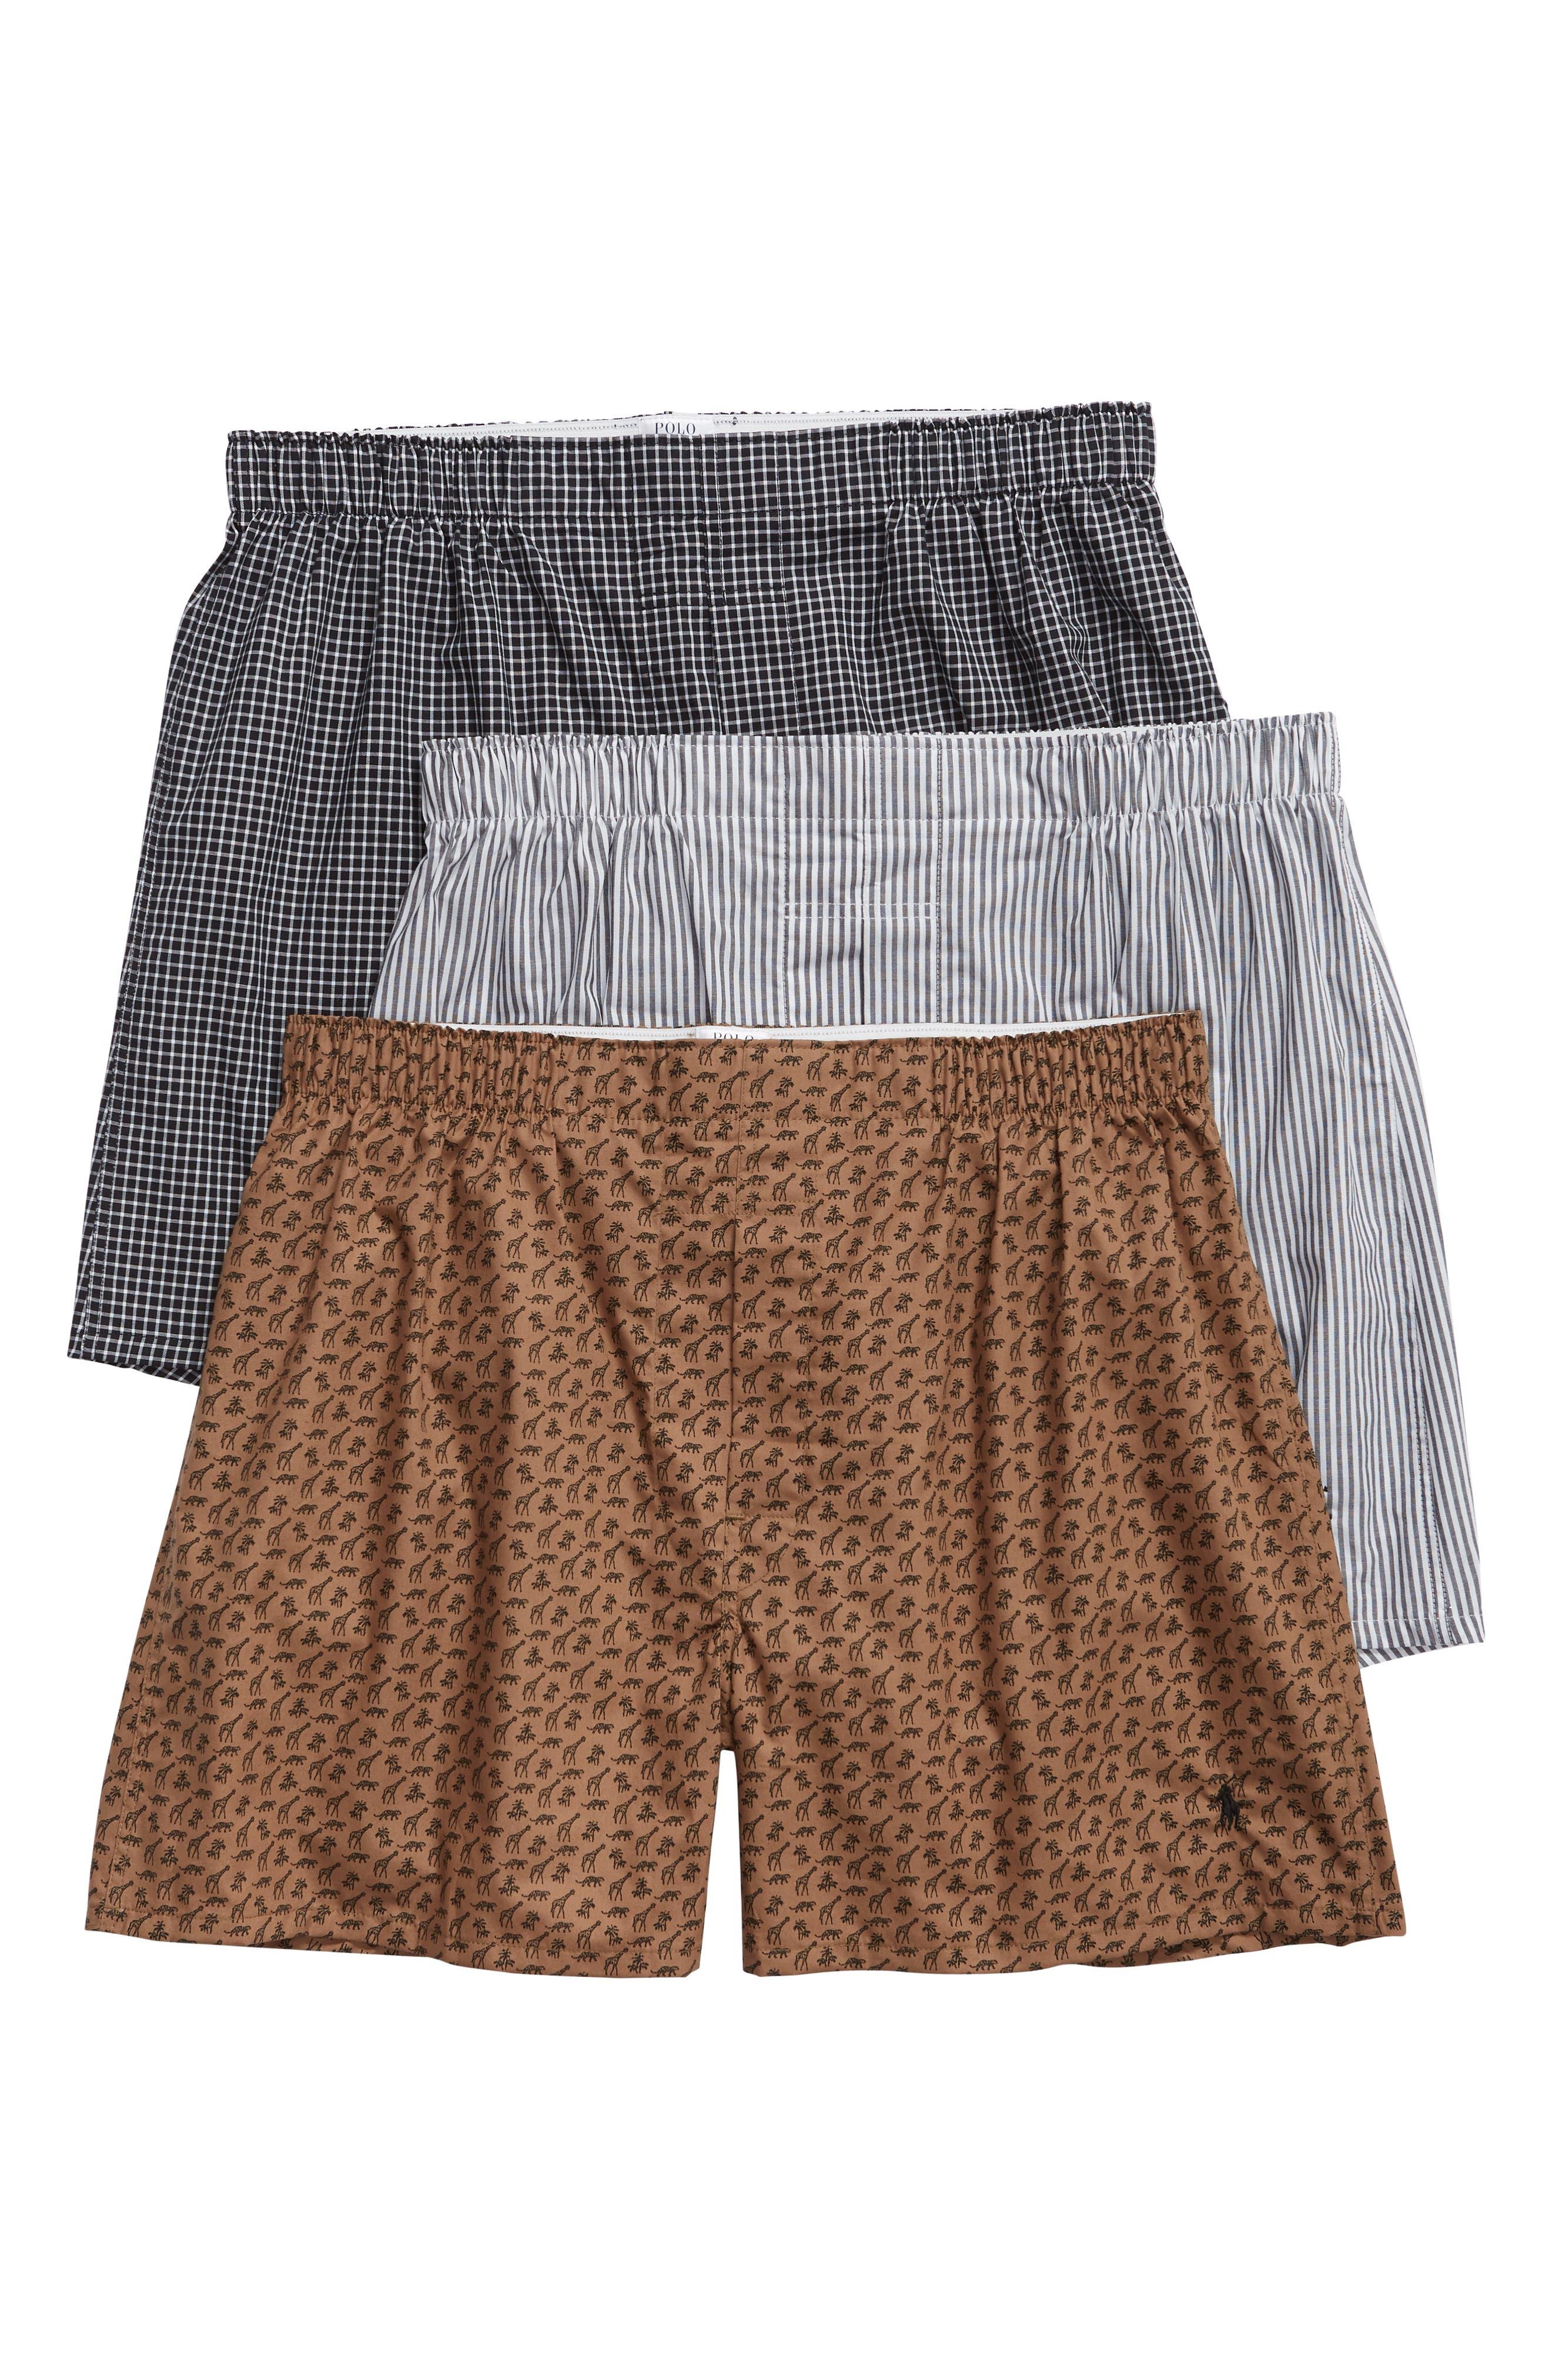 3-Pack Woven Boxers, Main, color, GIRAFFE/ TREVOR/ JAMES